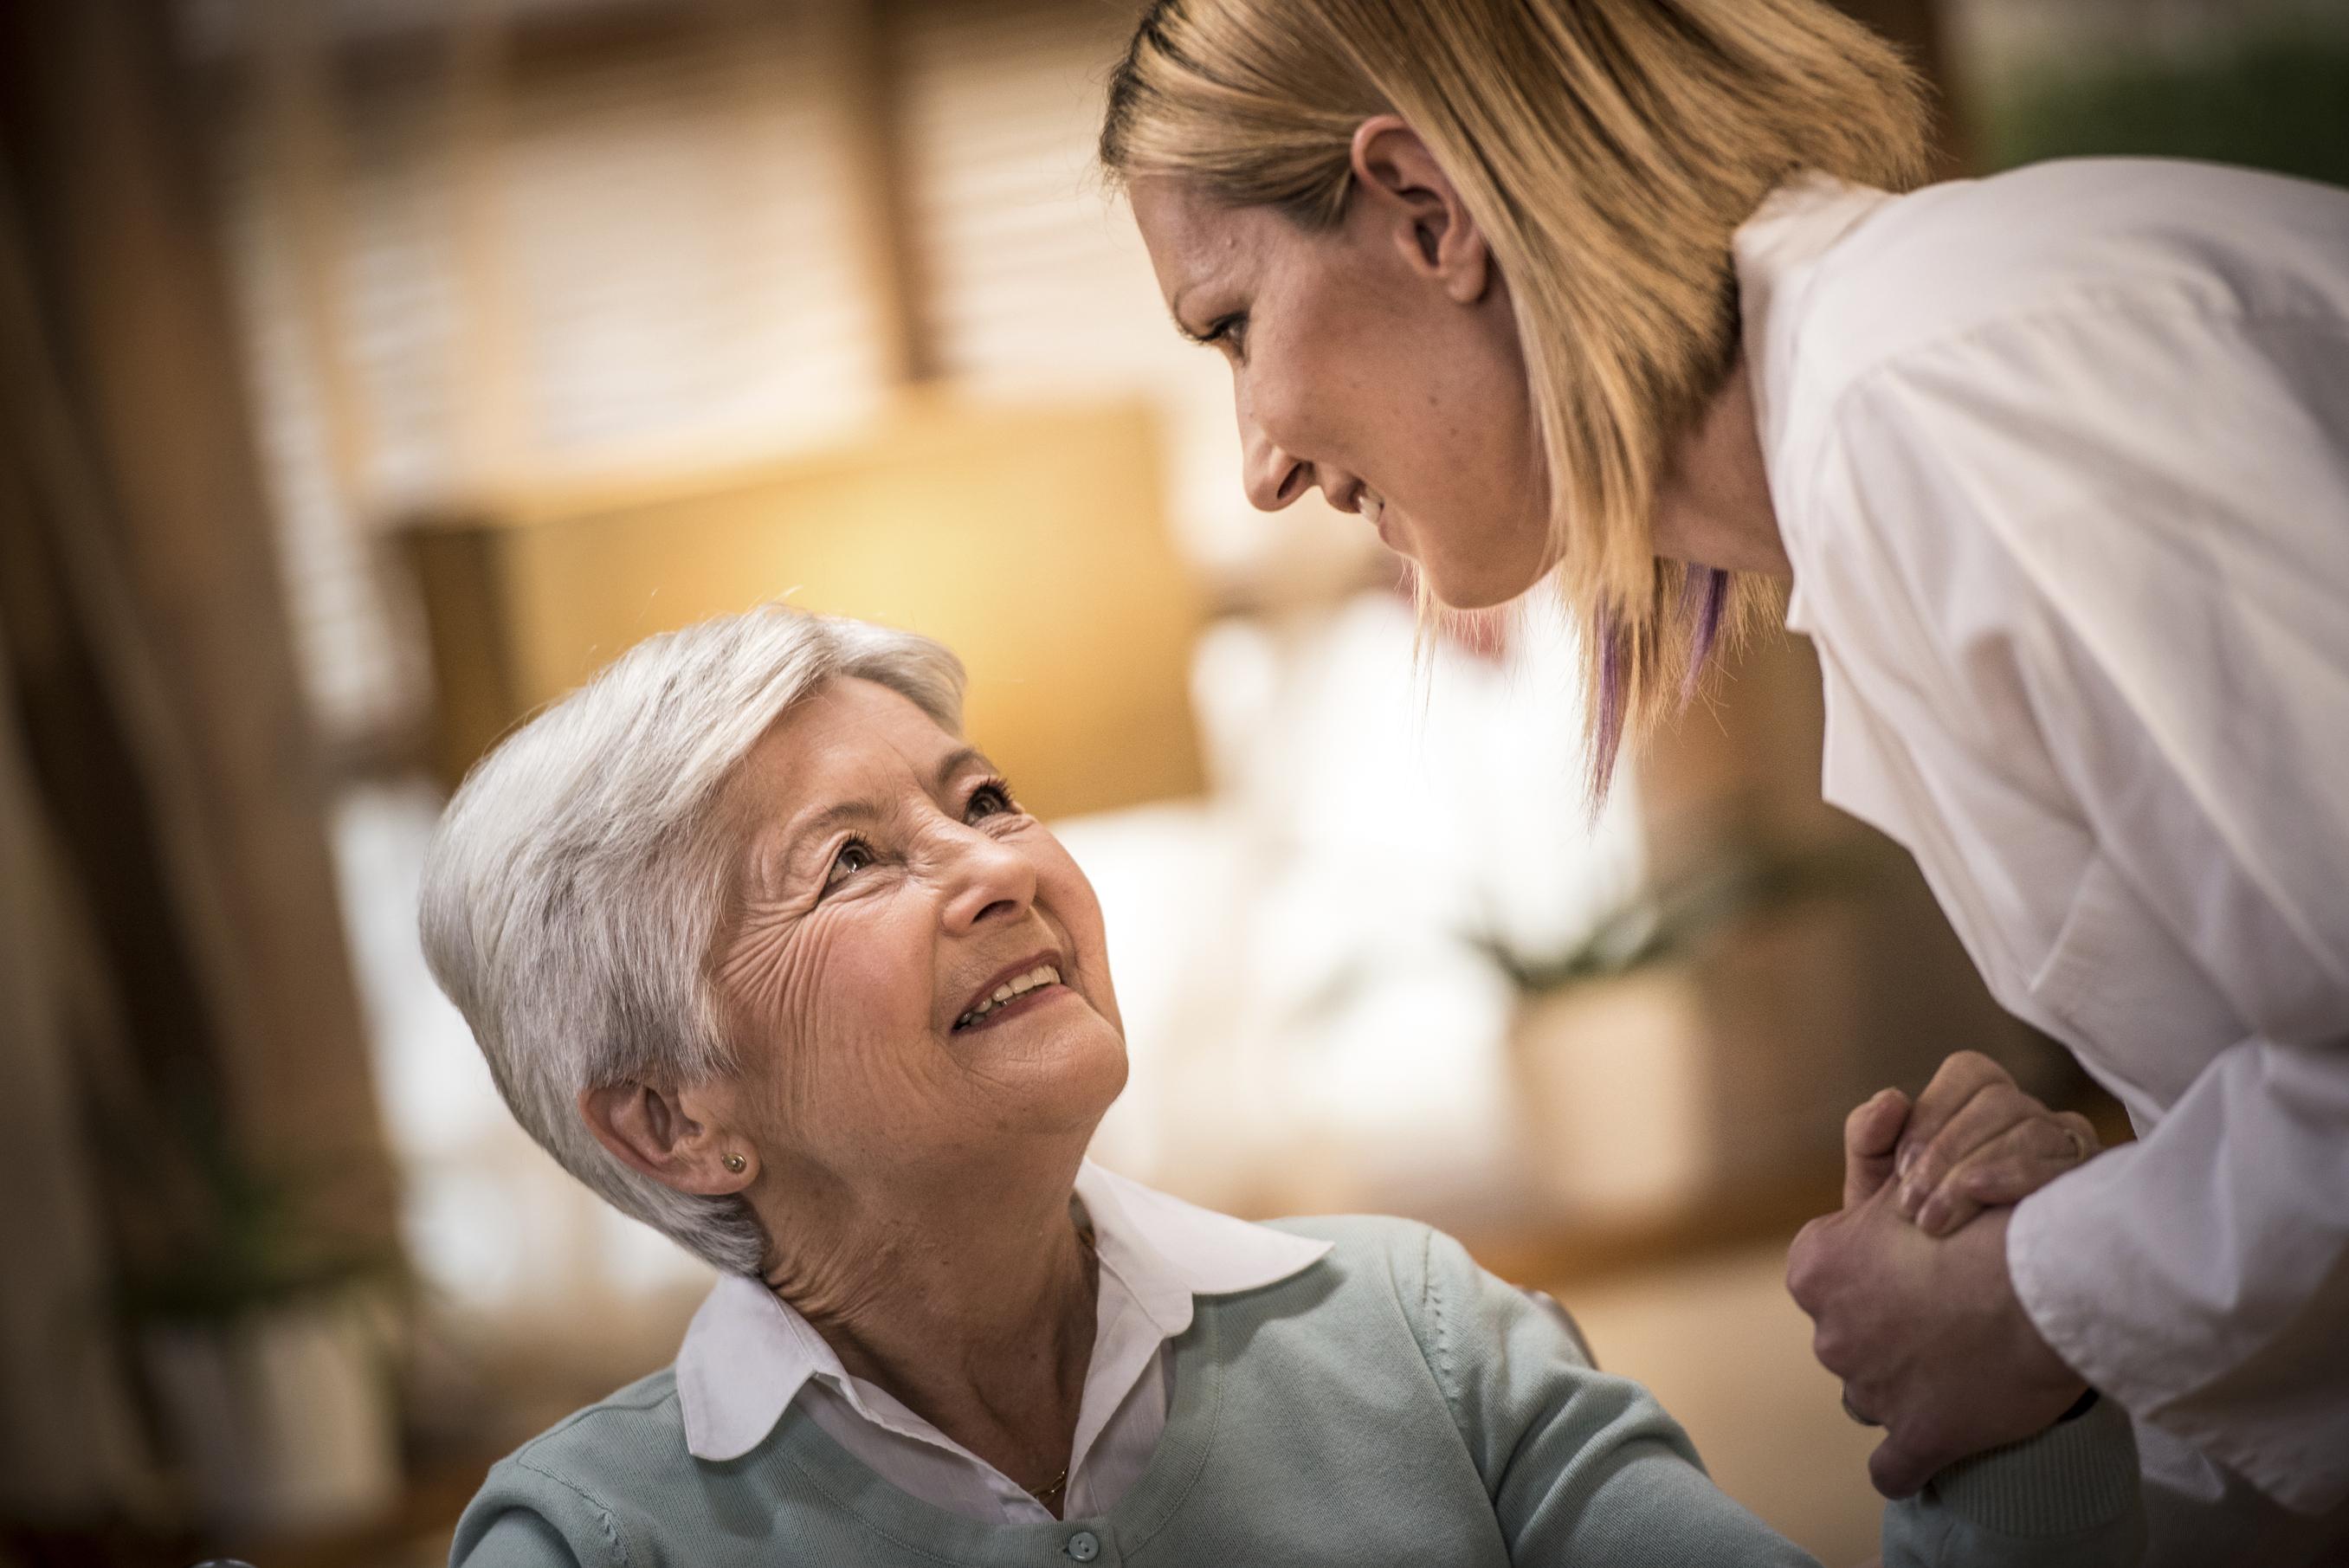 Familles Services Albi propose une aide à la personne pour les personnes âgées